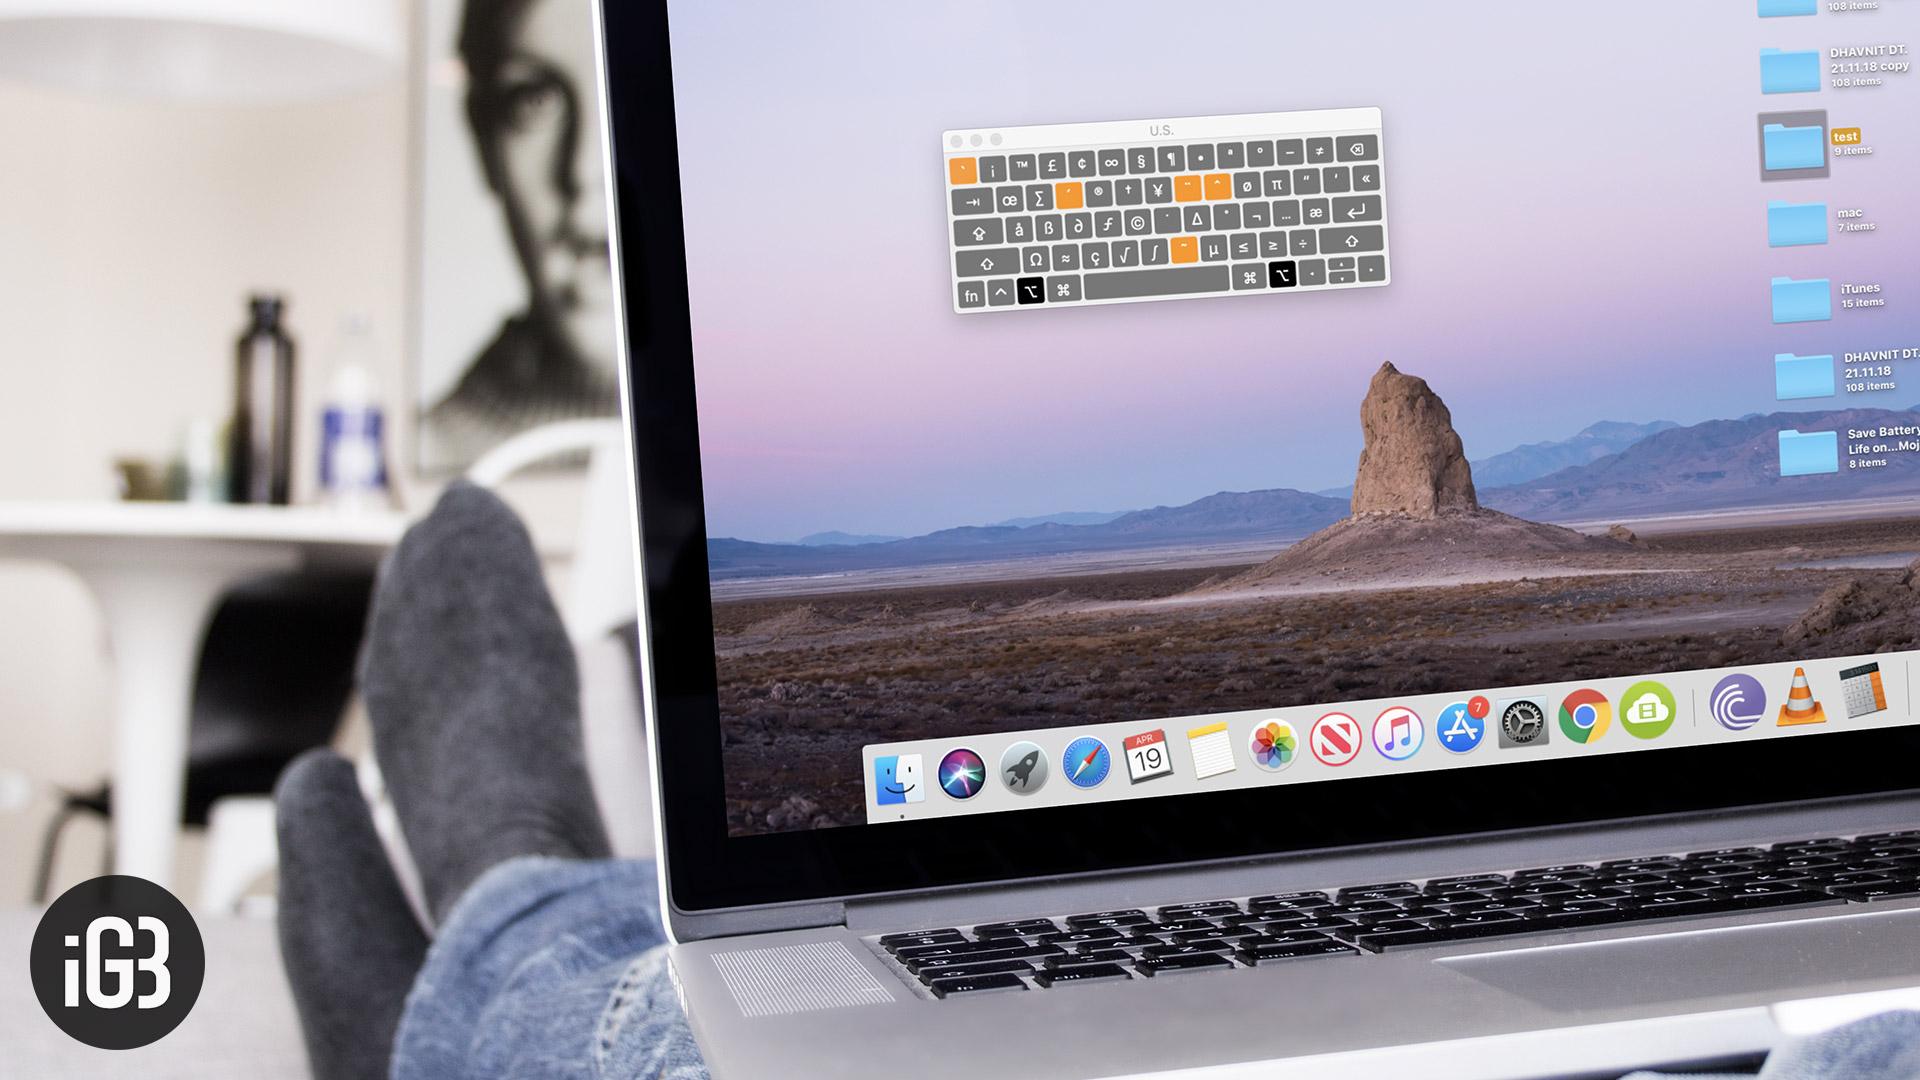 Cómo escribir rápidamente caracteres especiales en Mac: obtenga el máximo provecho del teclado de Mac